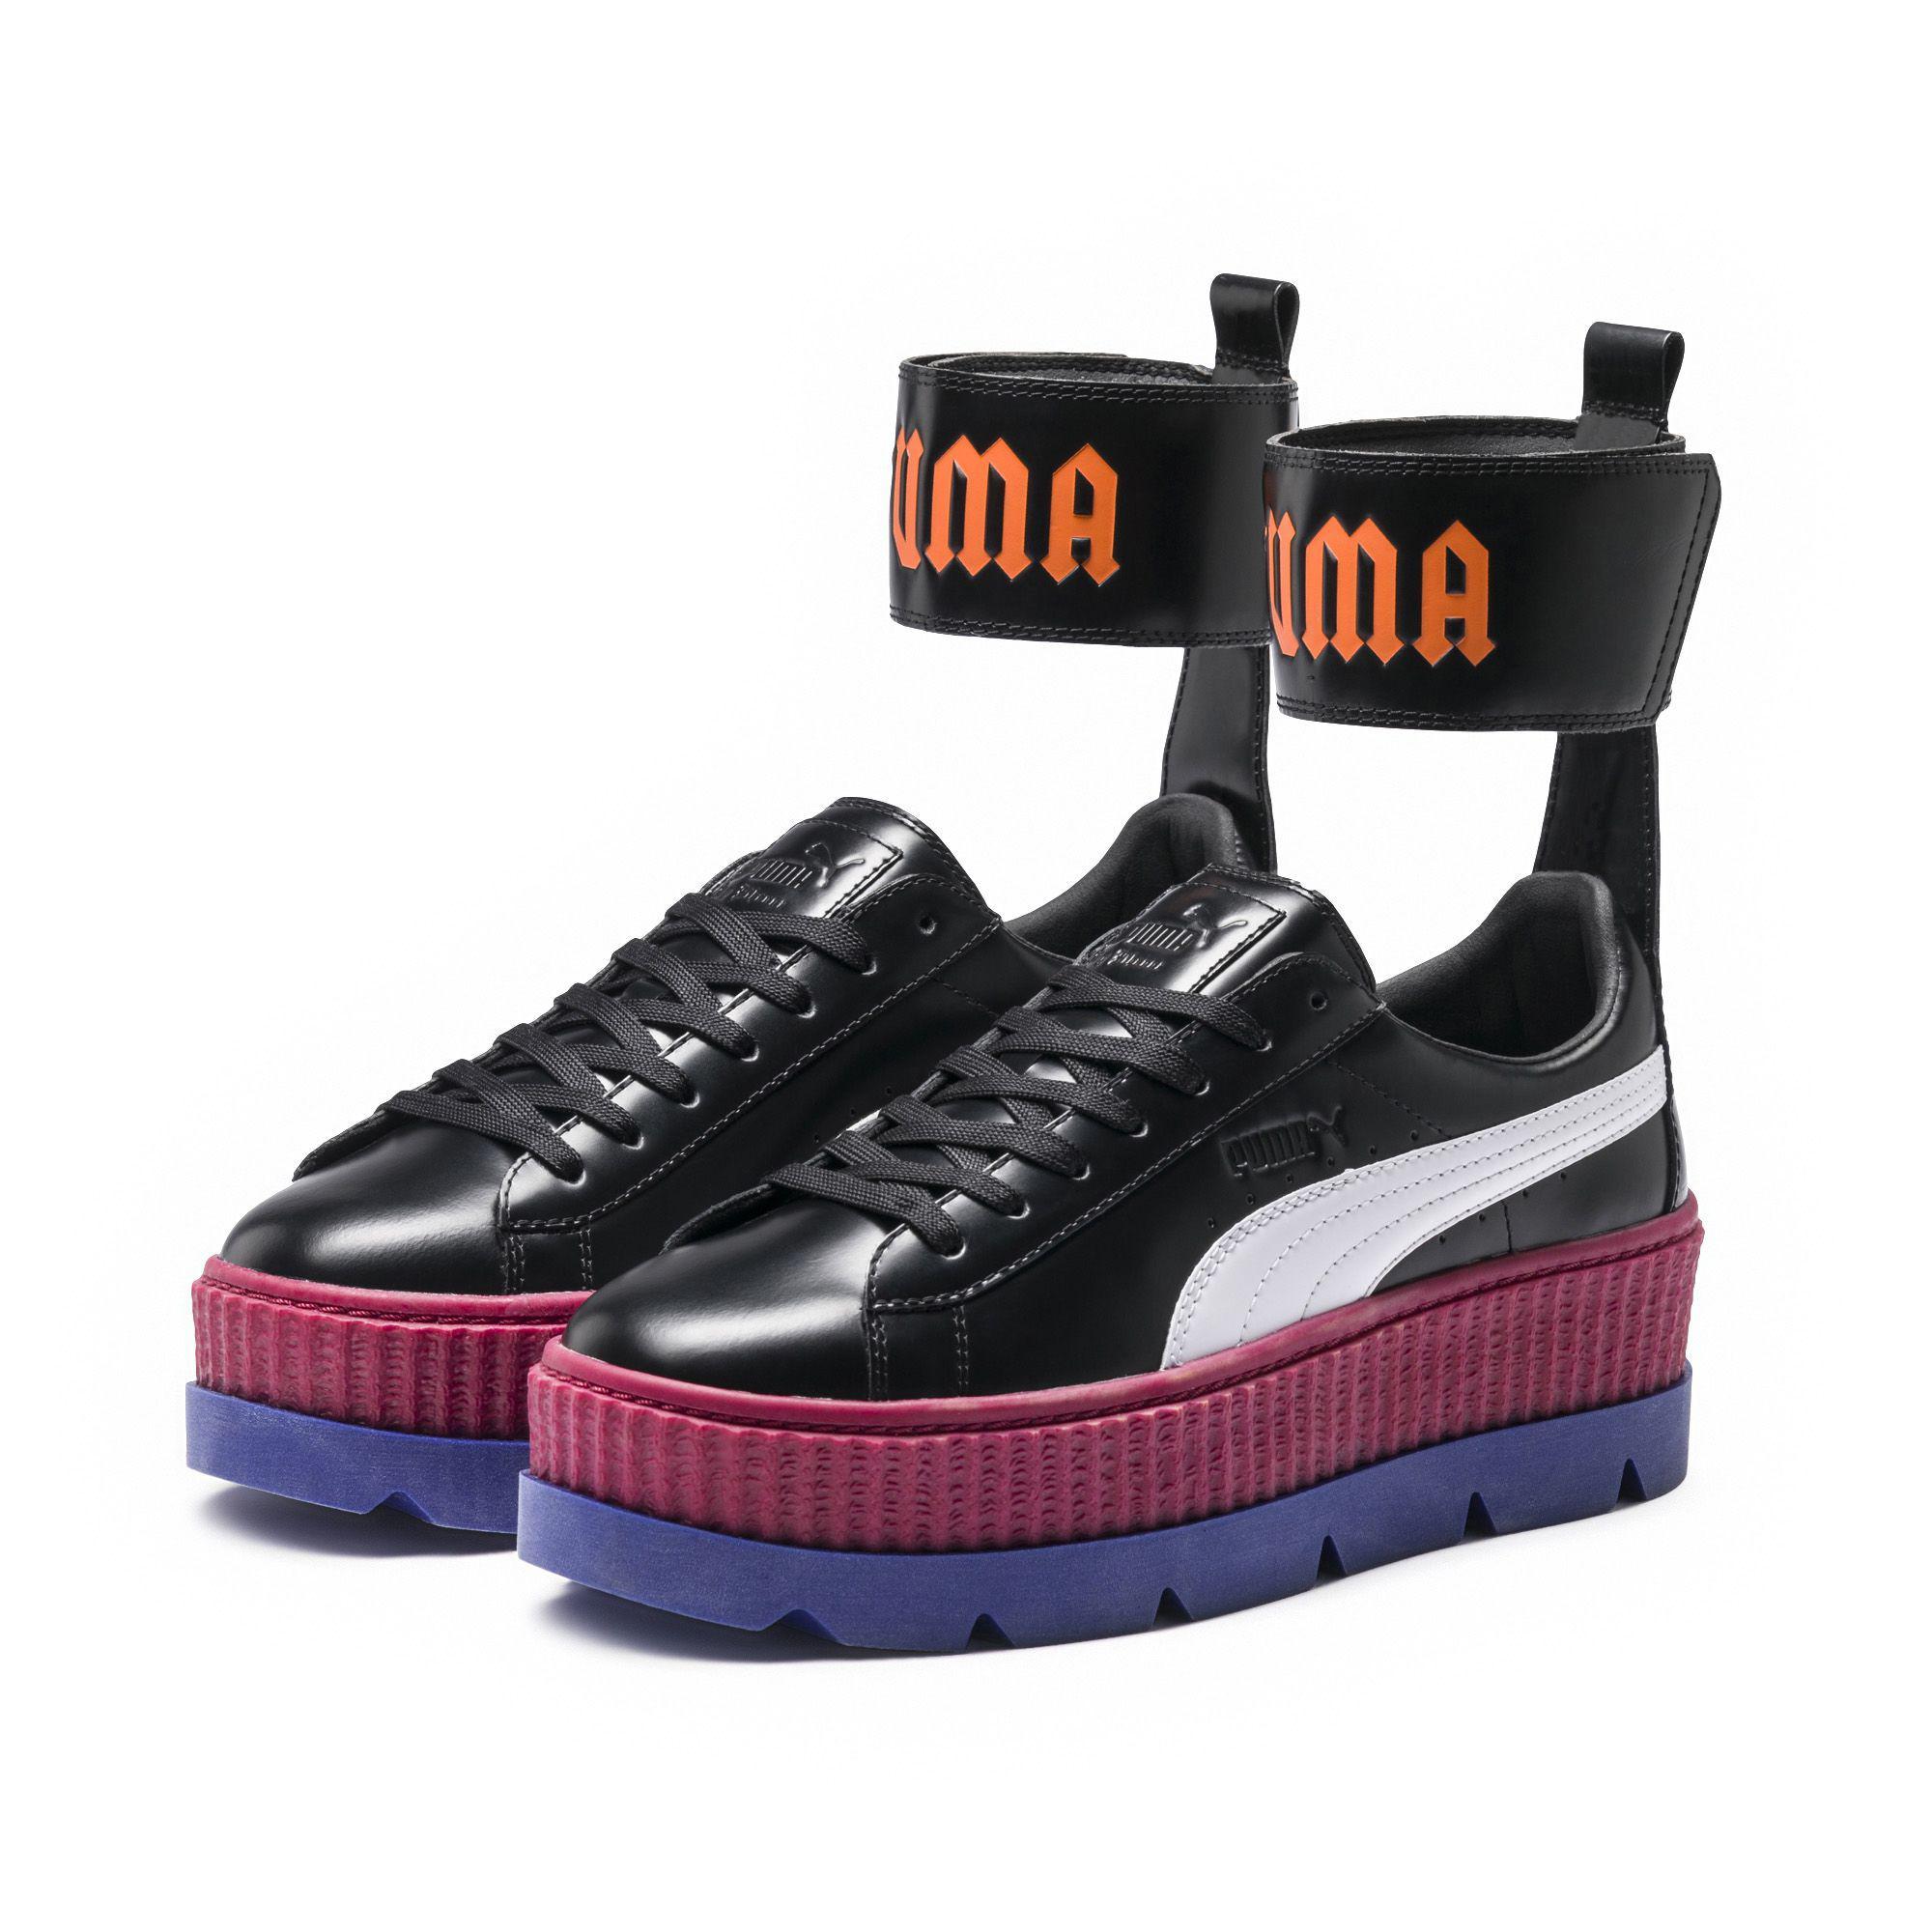 Fenty Women's Ankle Strap Sneaker